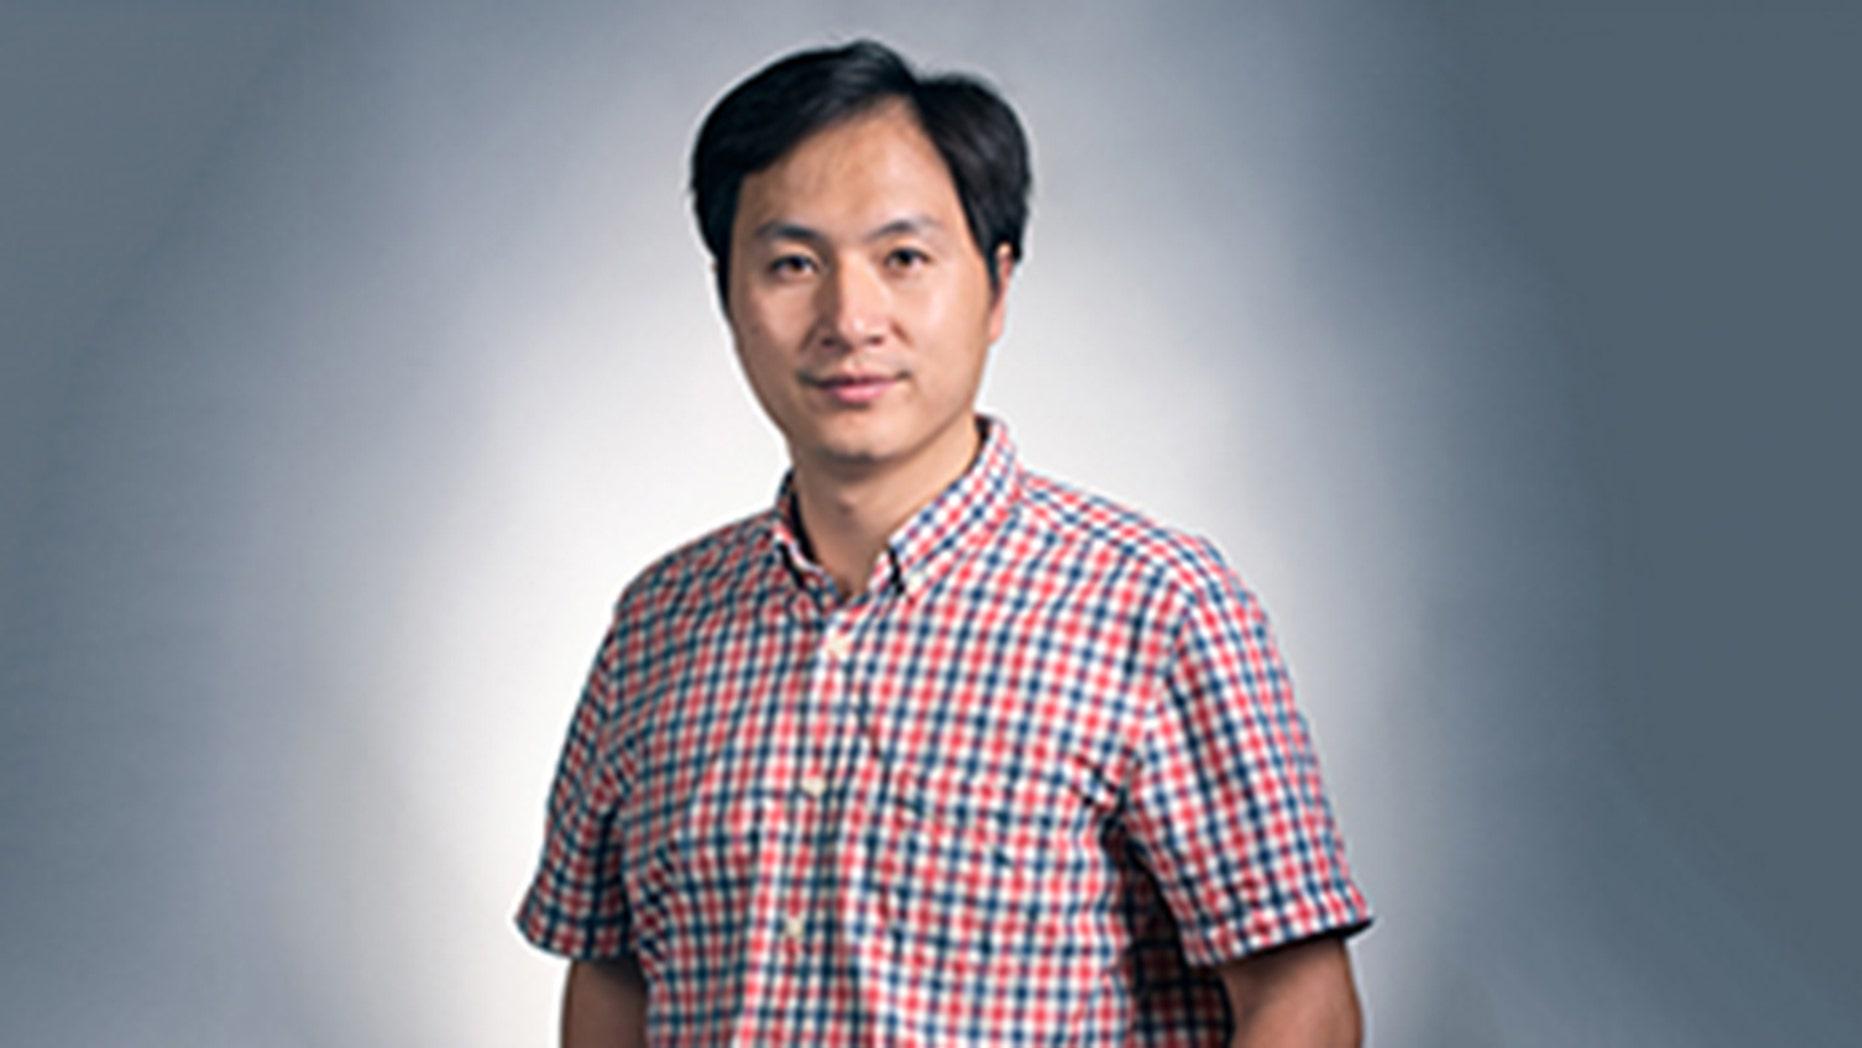 Researcher He Jiankui